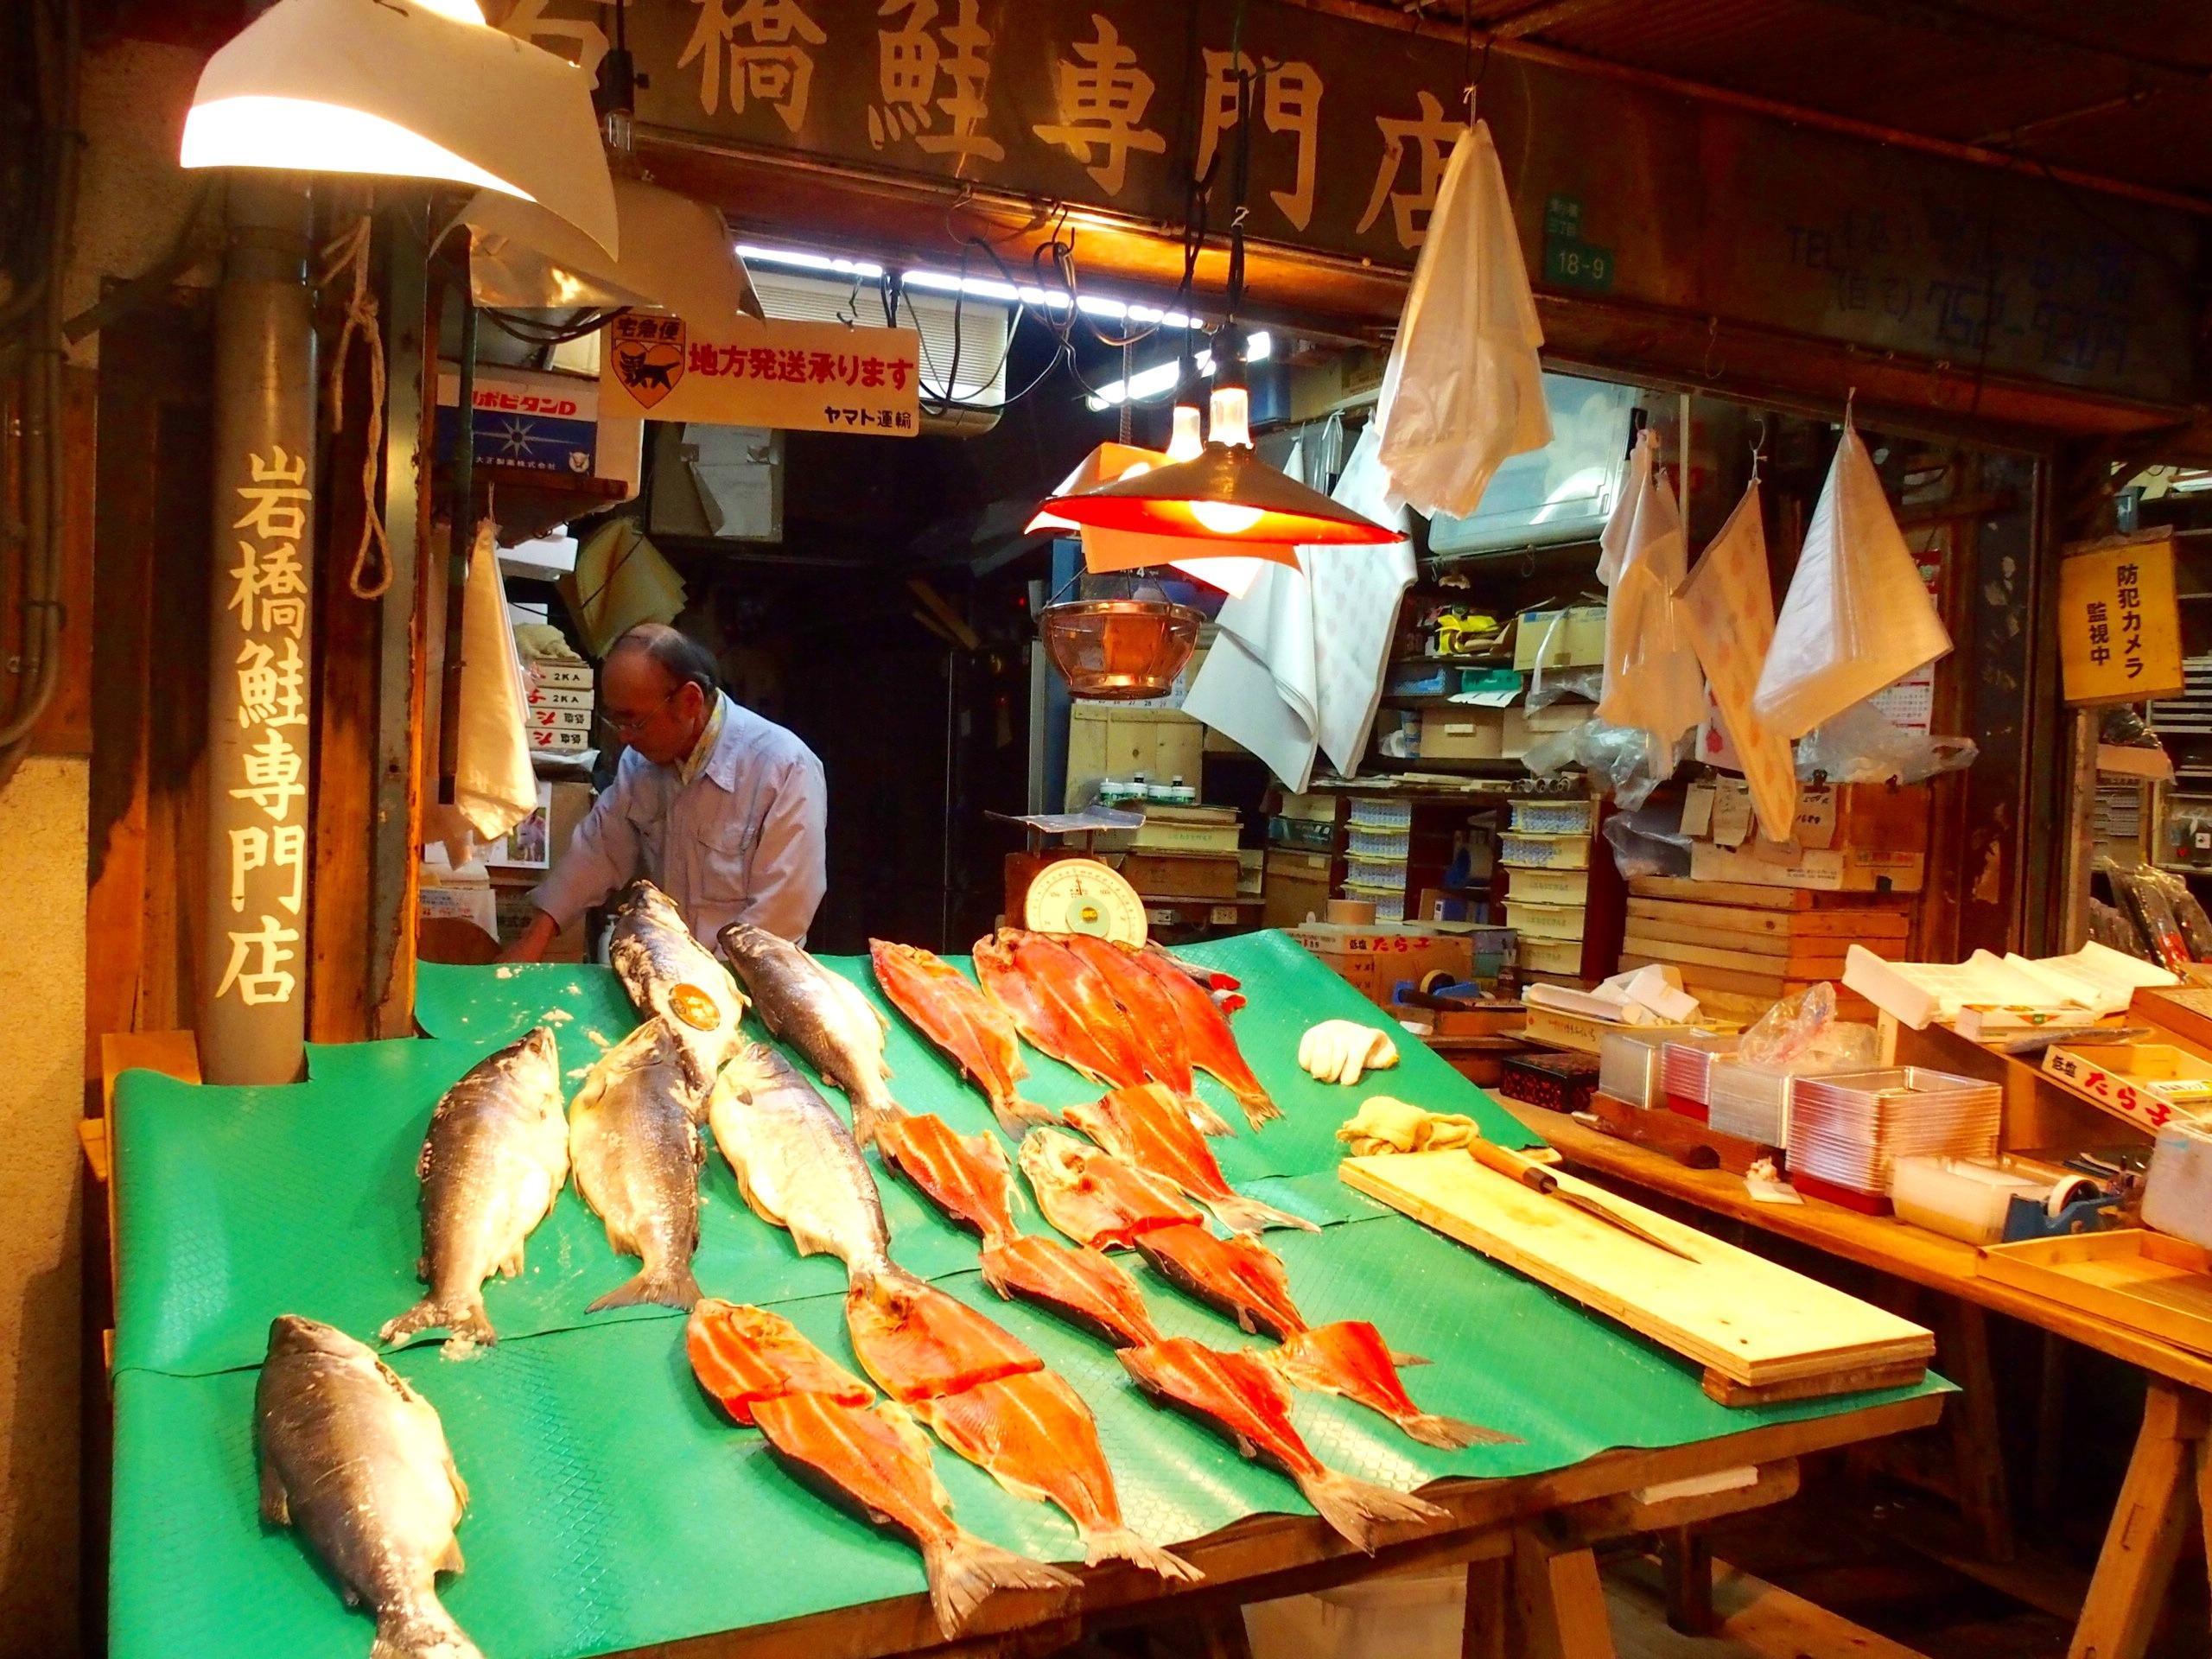 Etal de poissonnier visite d'Osaka Japon